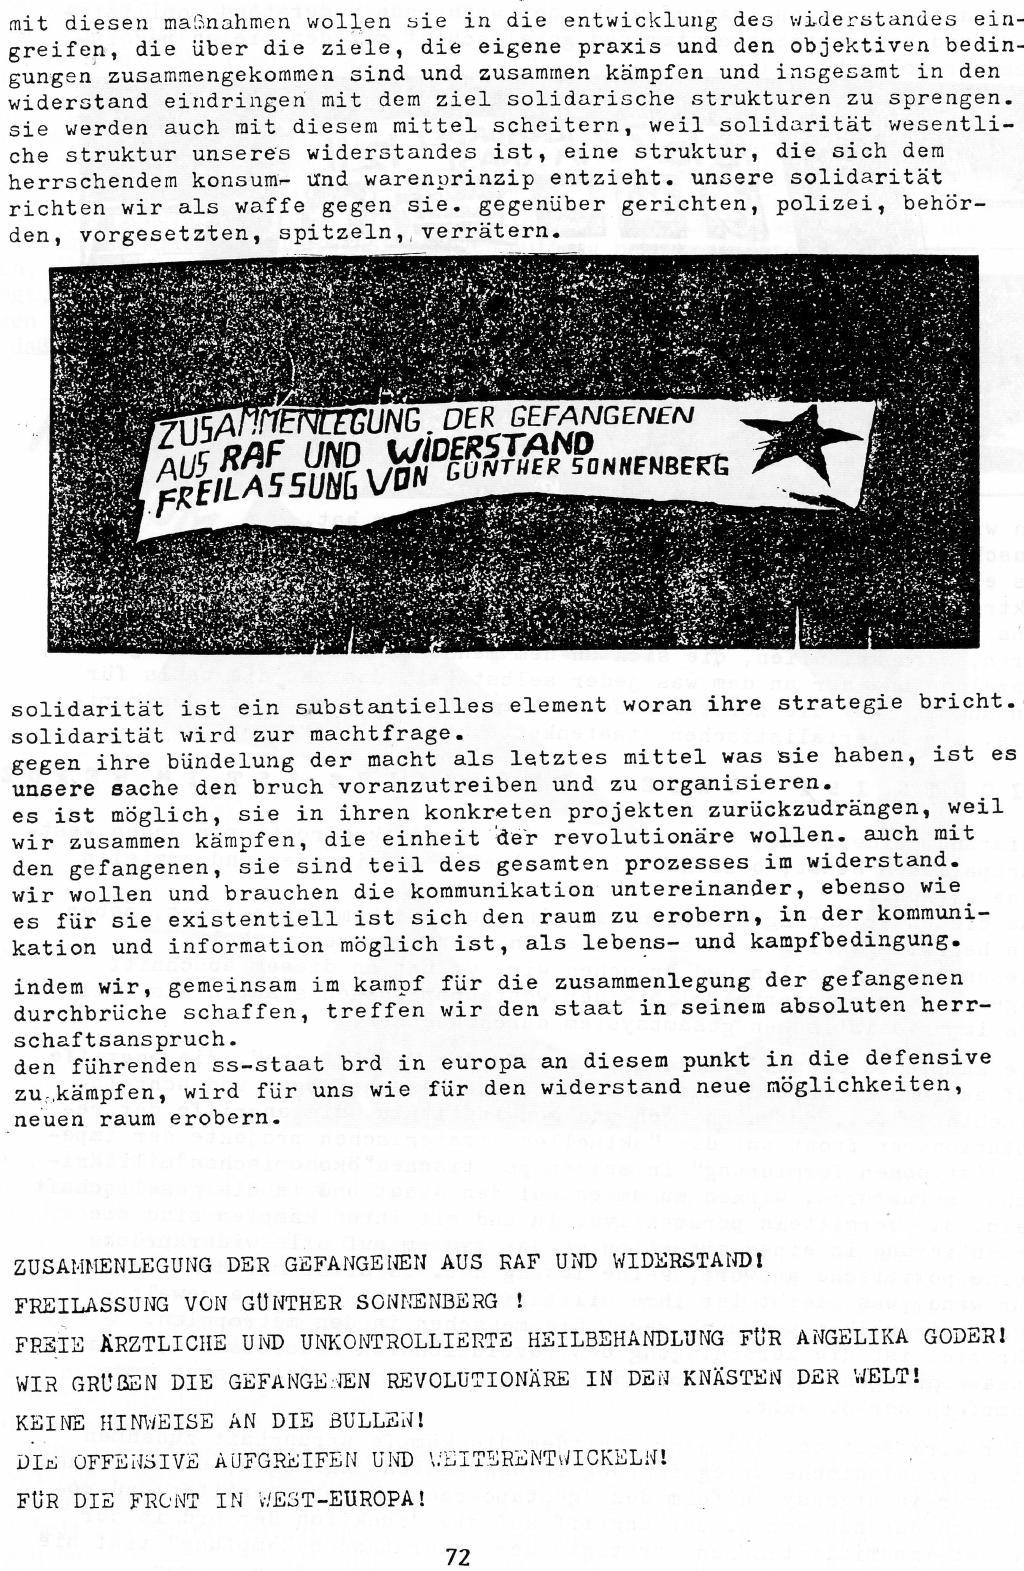 Duesseldorf_1989_Sechs_Politische_Gefangene_072